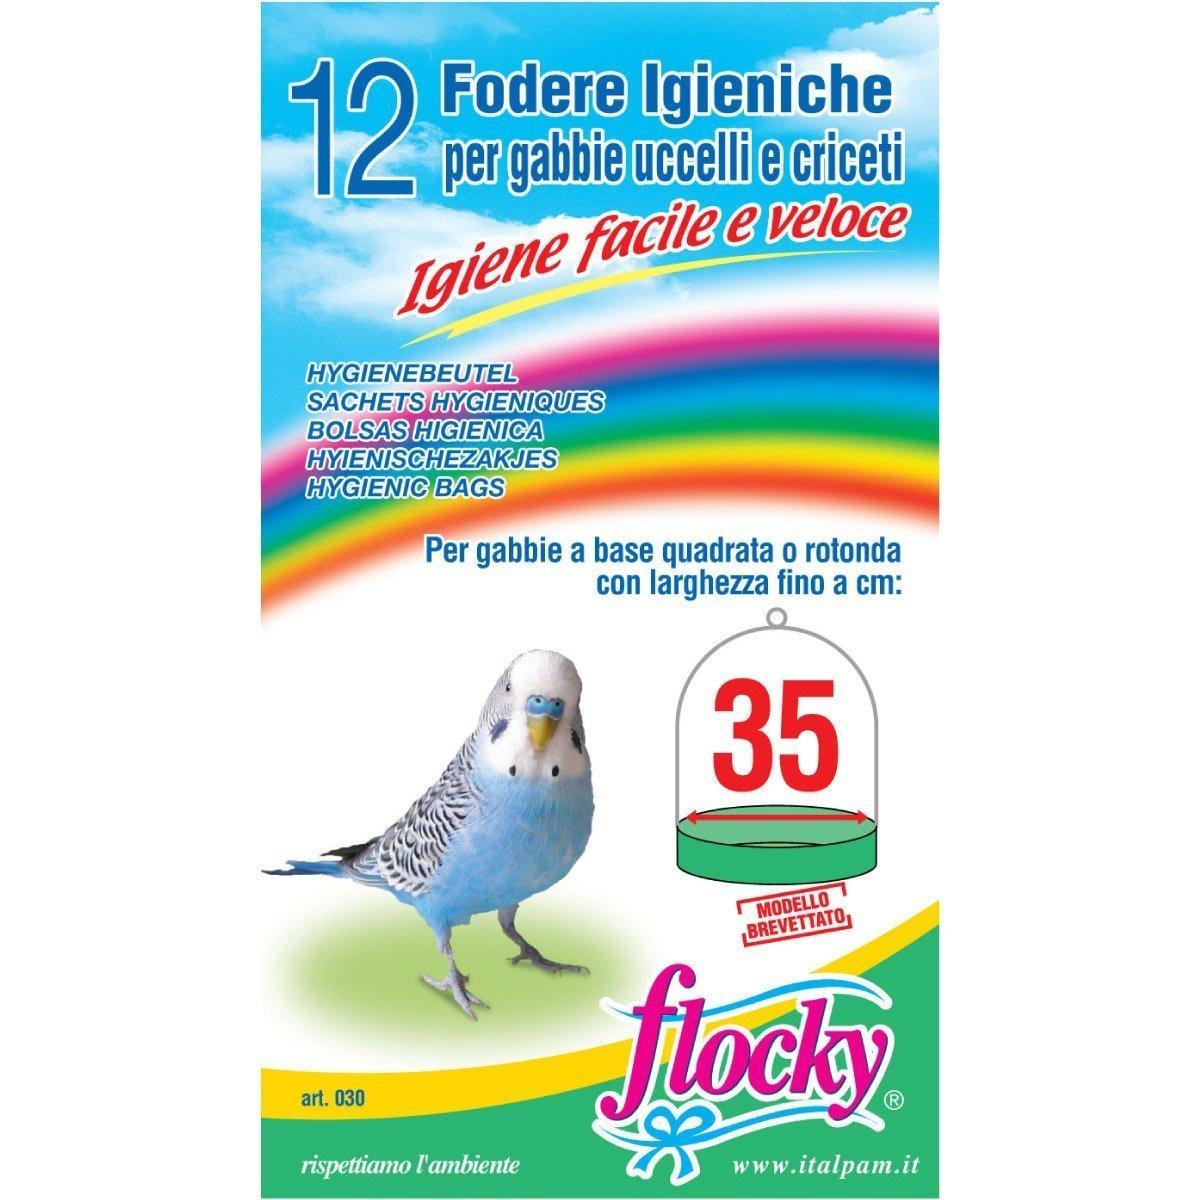 Flocky | Fodere per gabbie uccelli | art.030